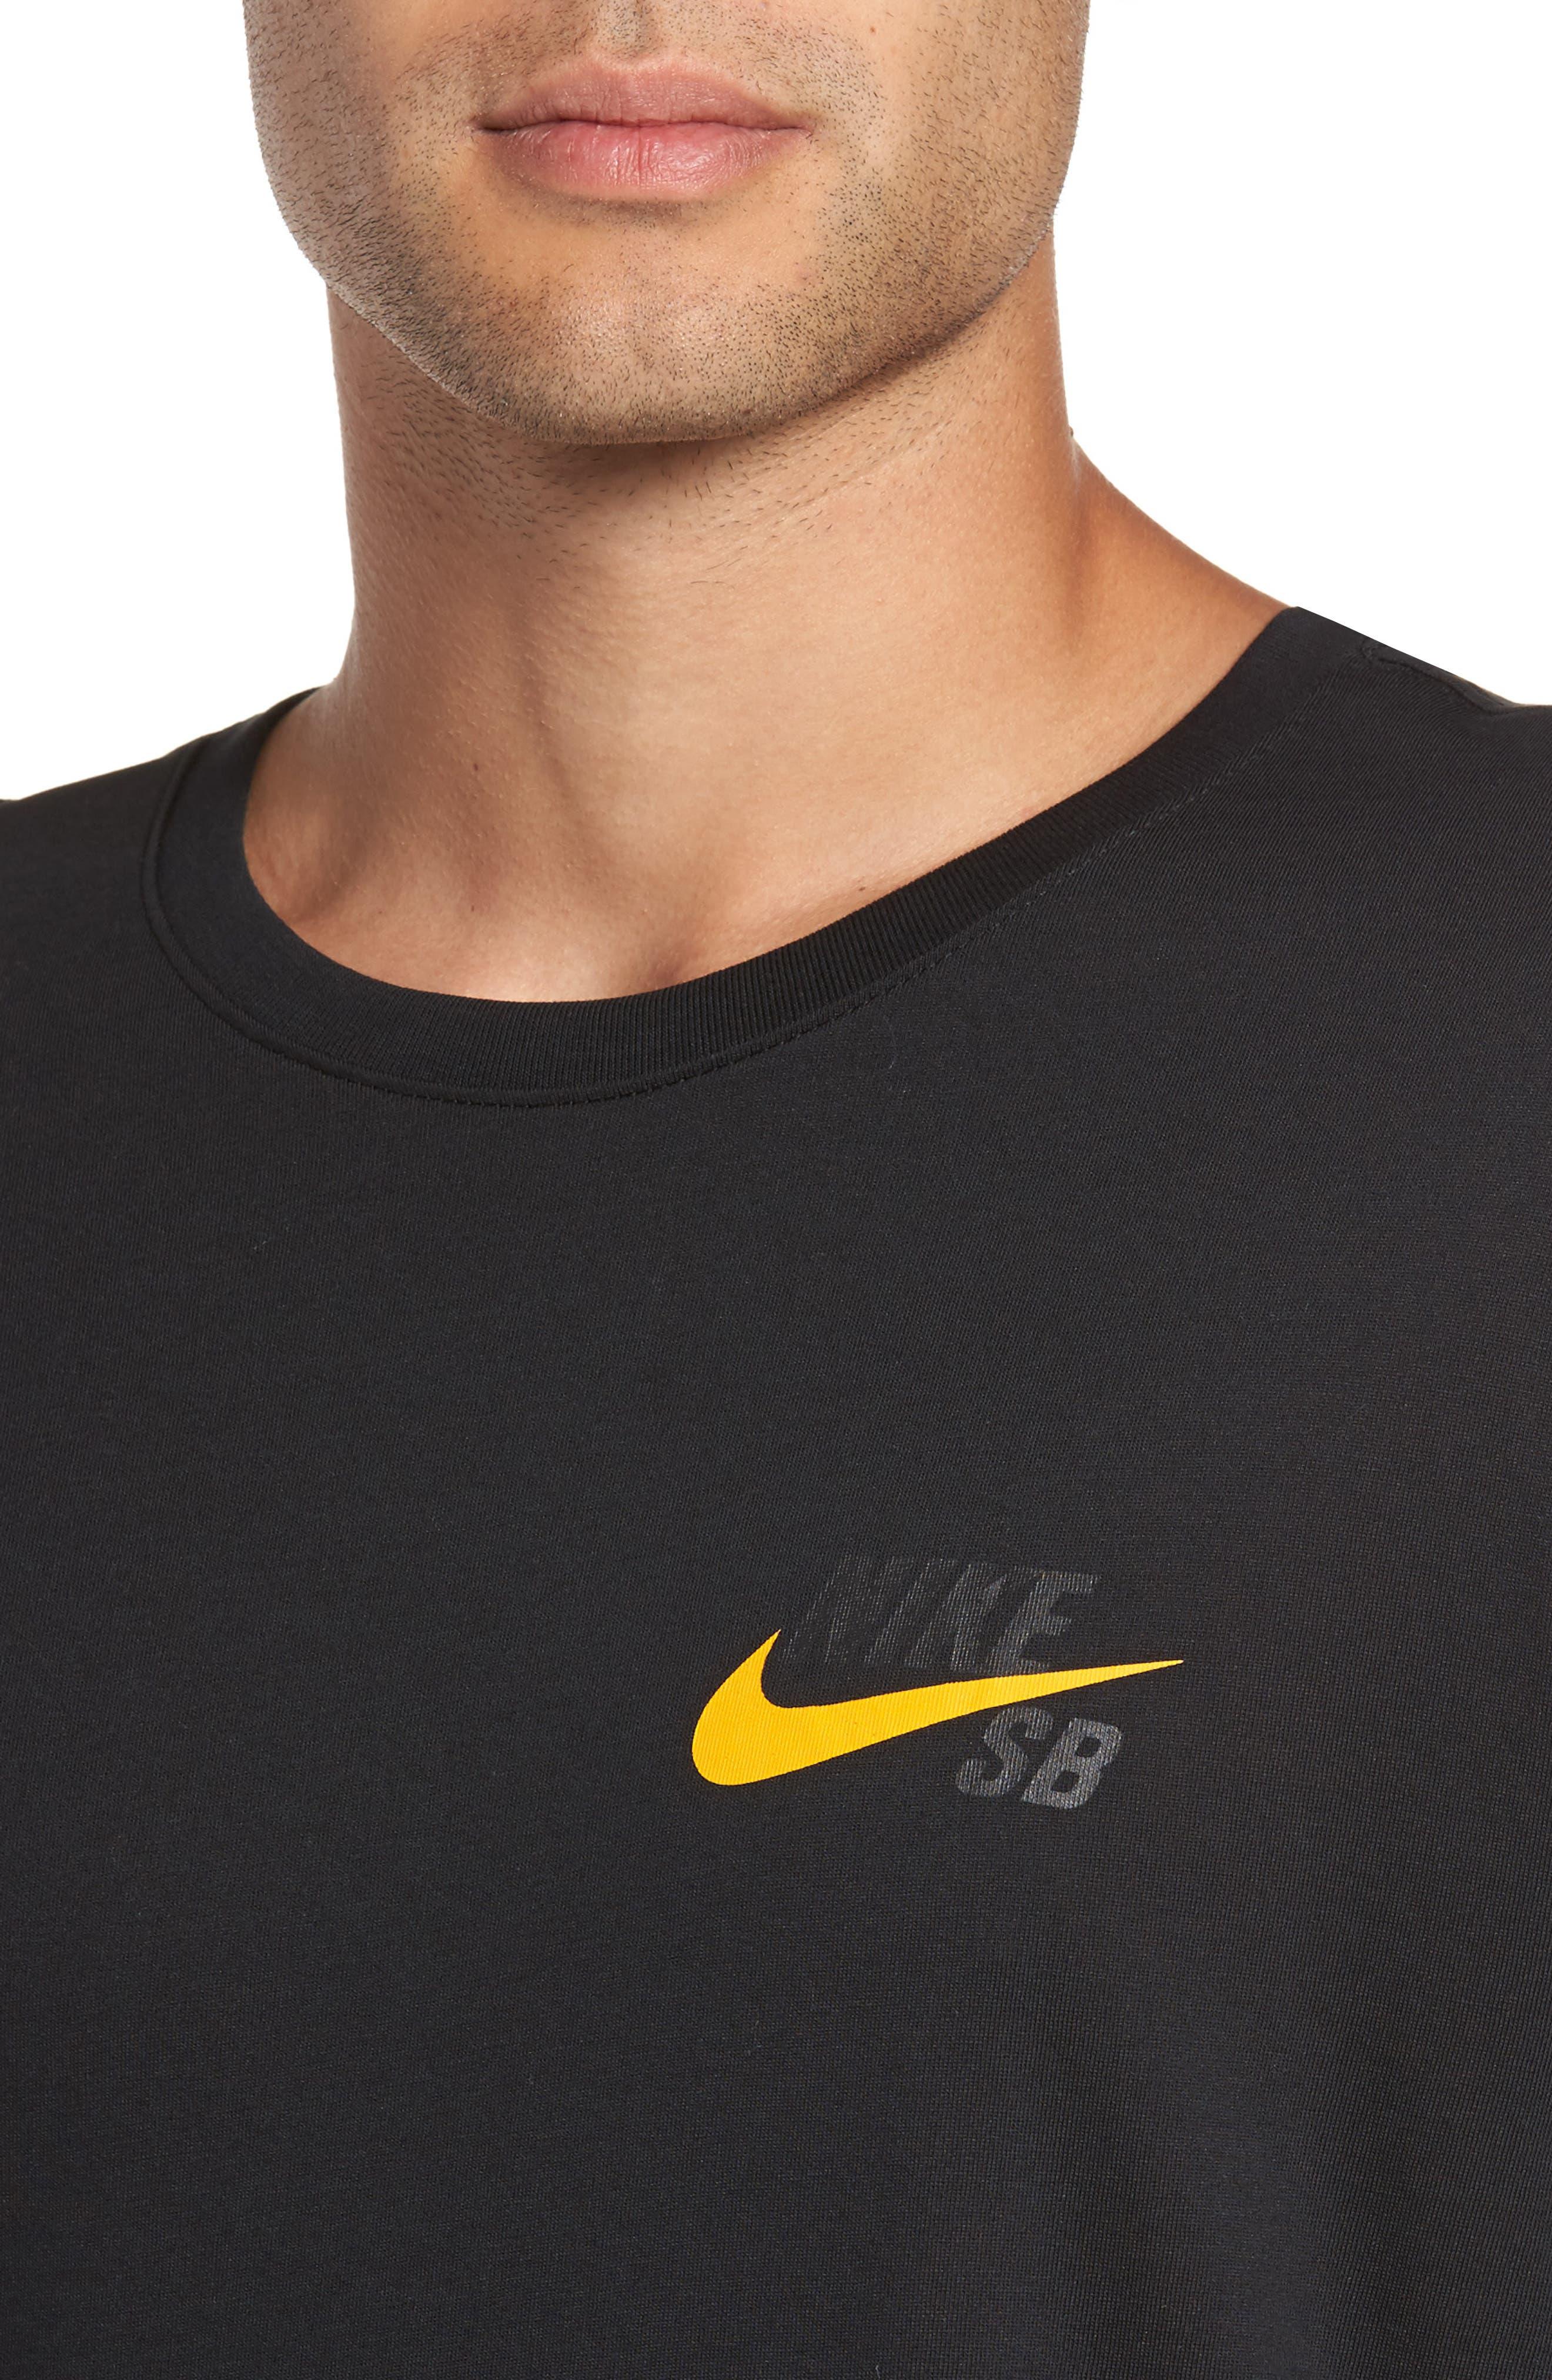 Logo T-Shirt,                             Alternate thumbnail 4, color,                             010